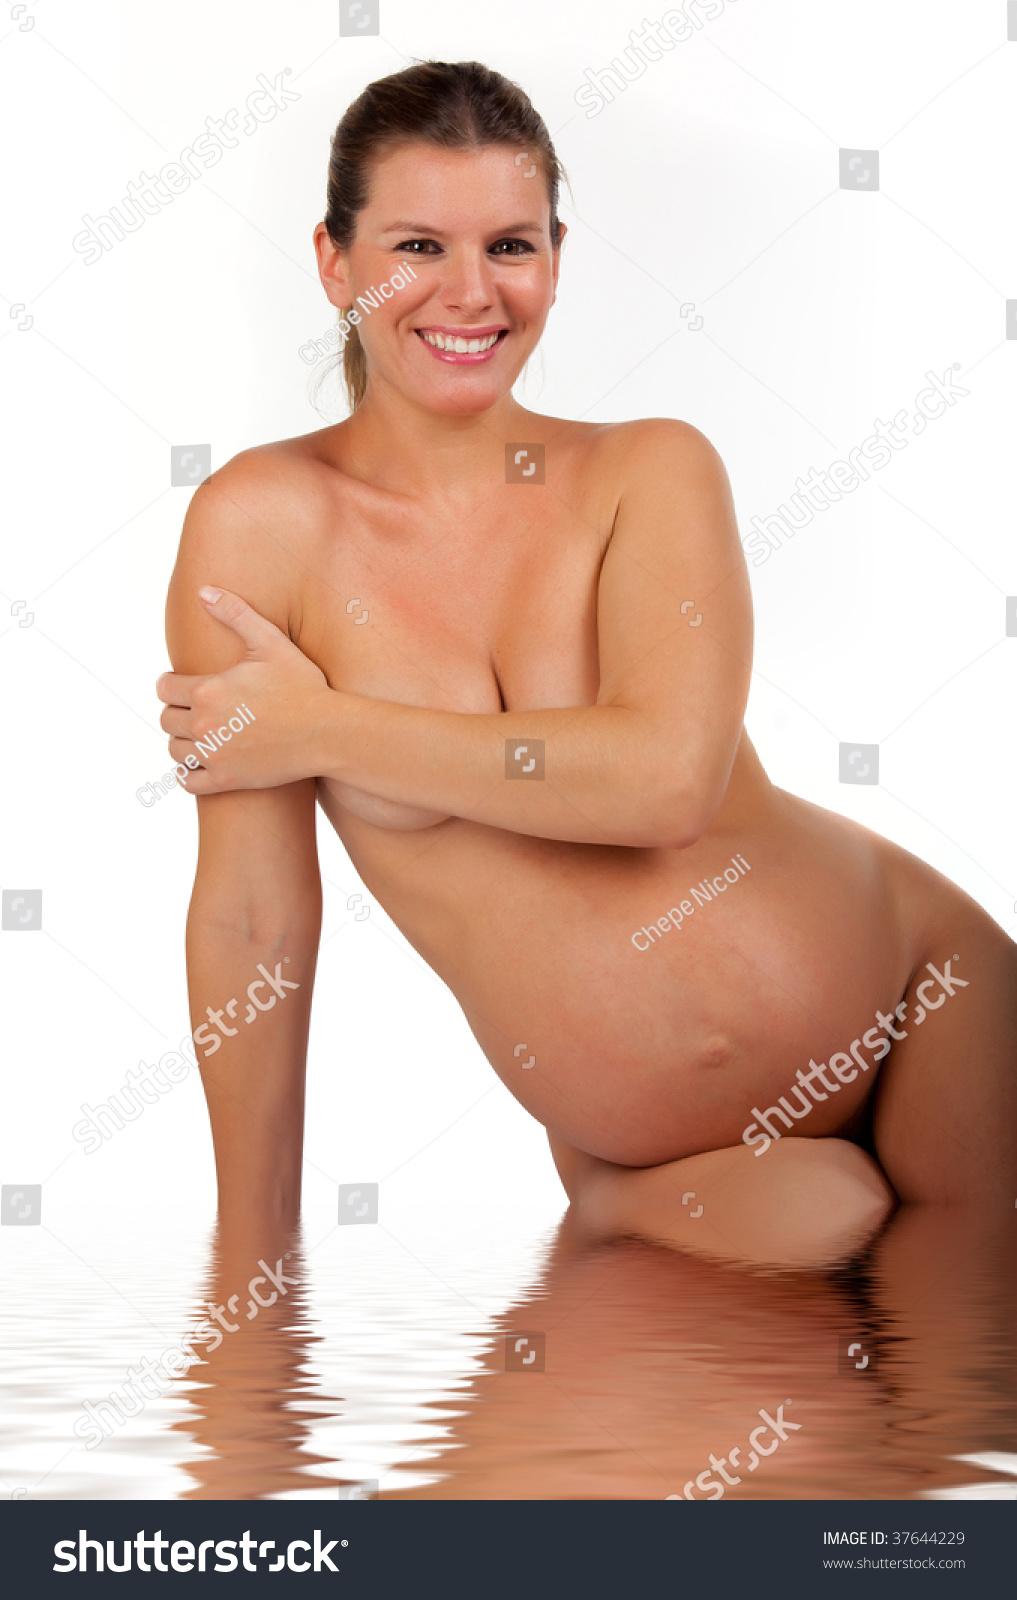 Woman Sexuality Beautiful 15